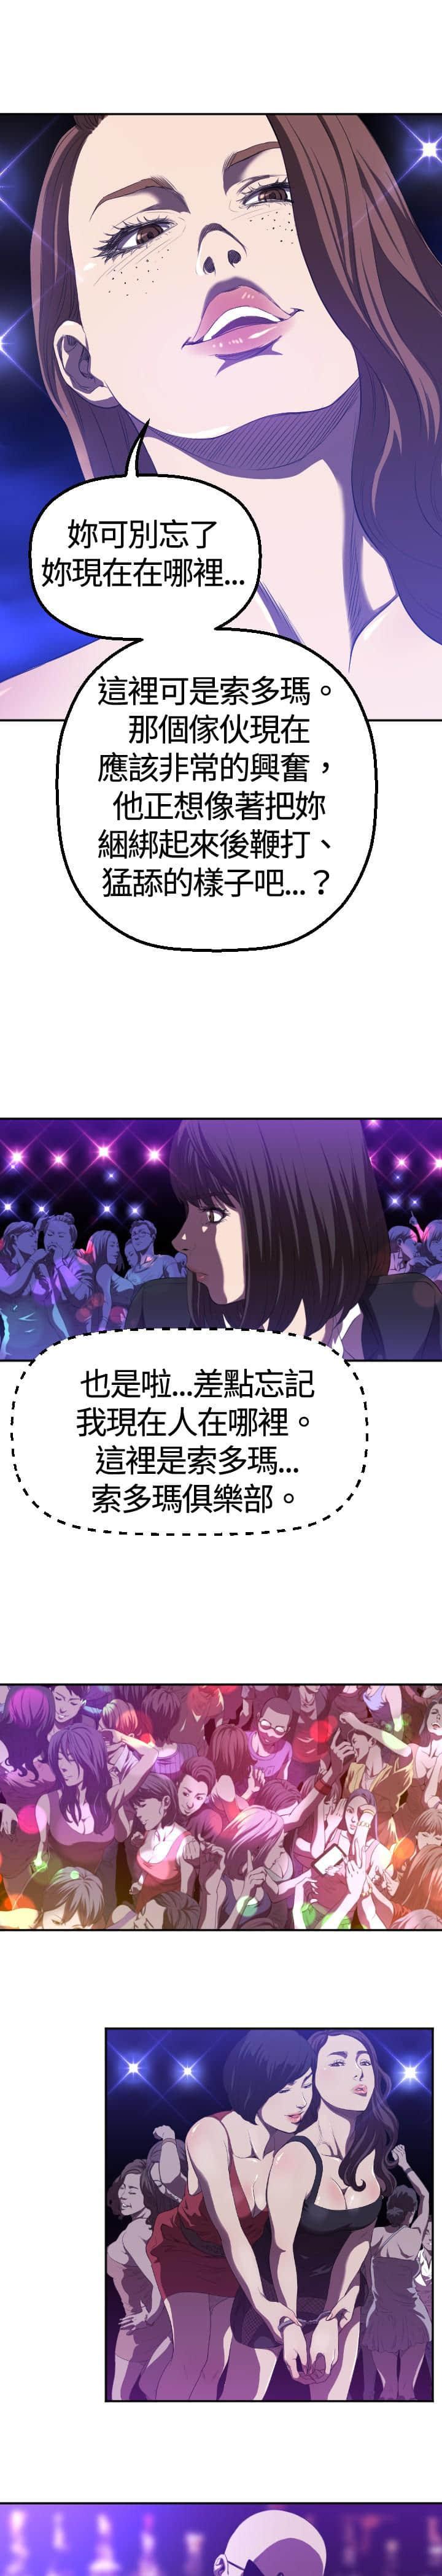 最新漫画更新2021全话完结